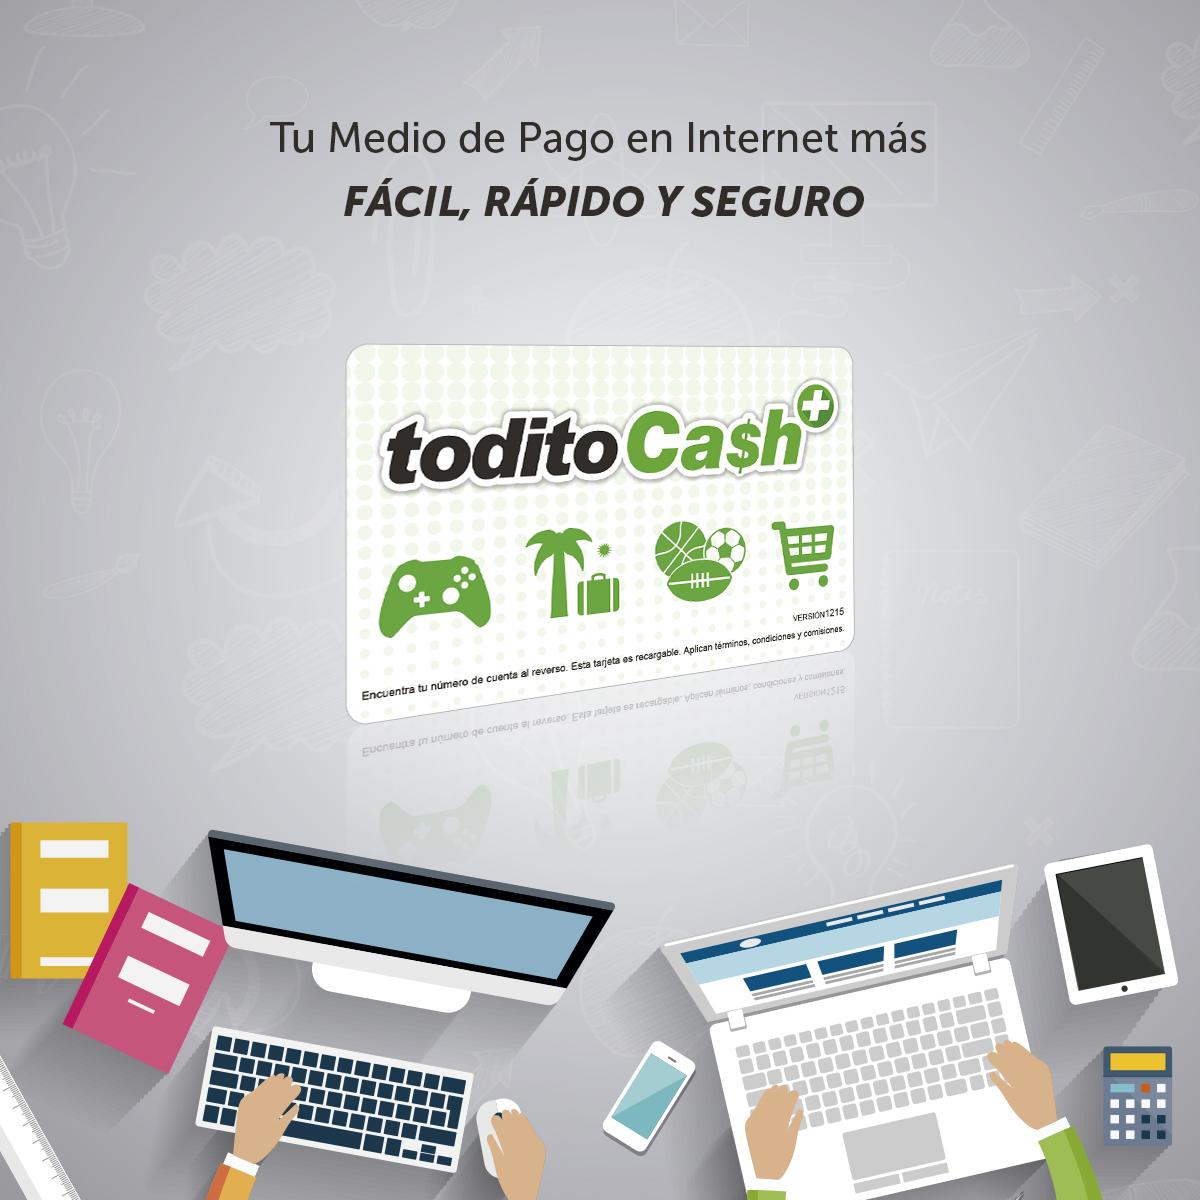 Rich casino México codigo promocional todito cash-565852